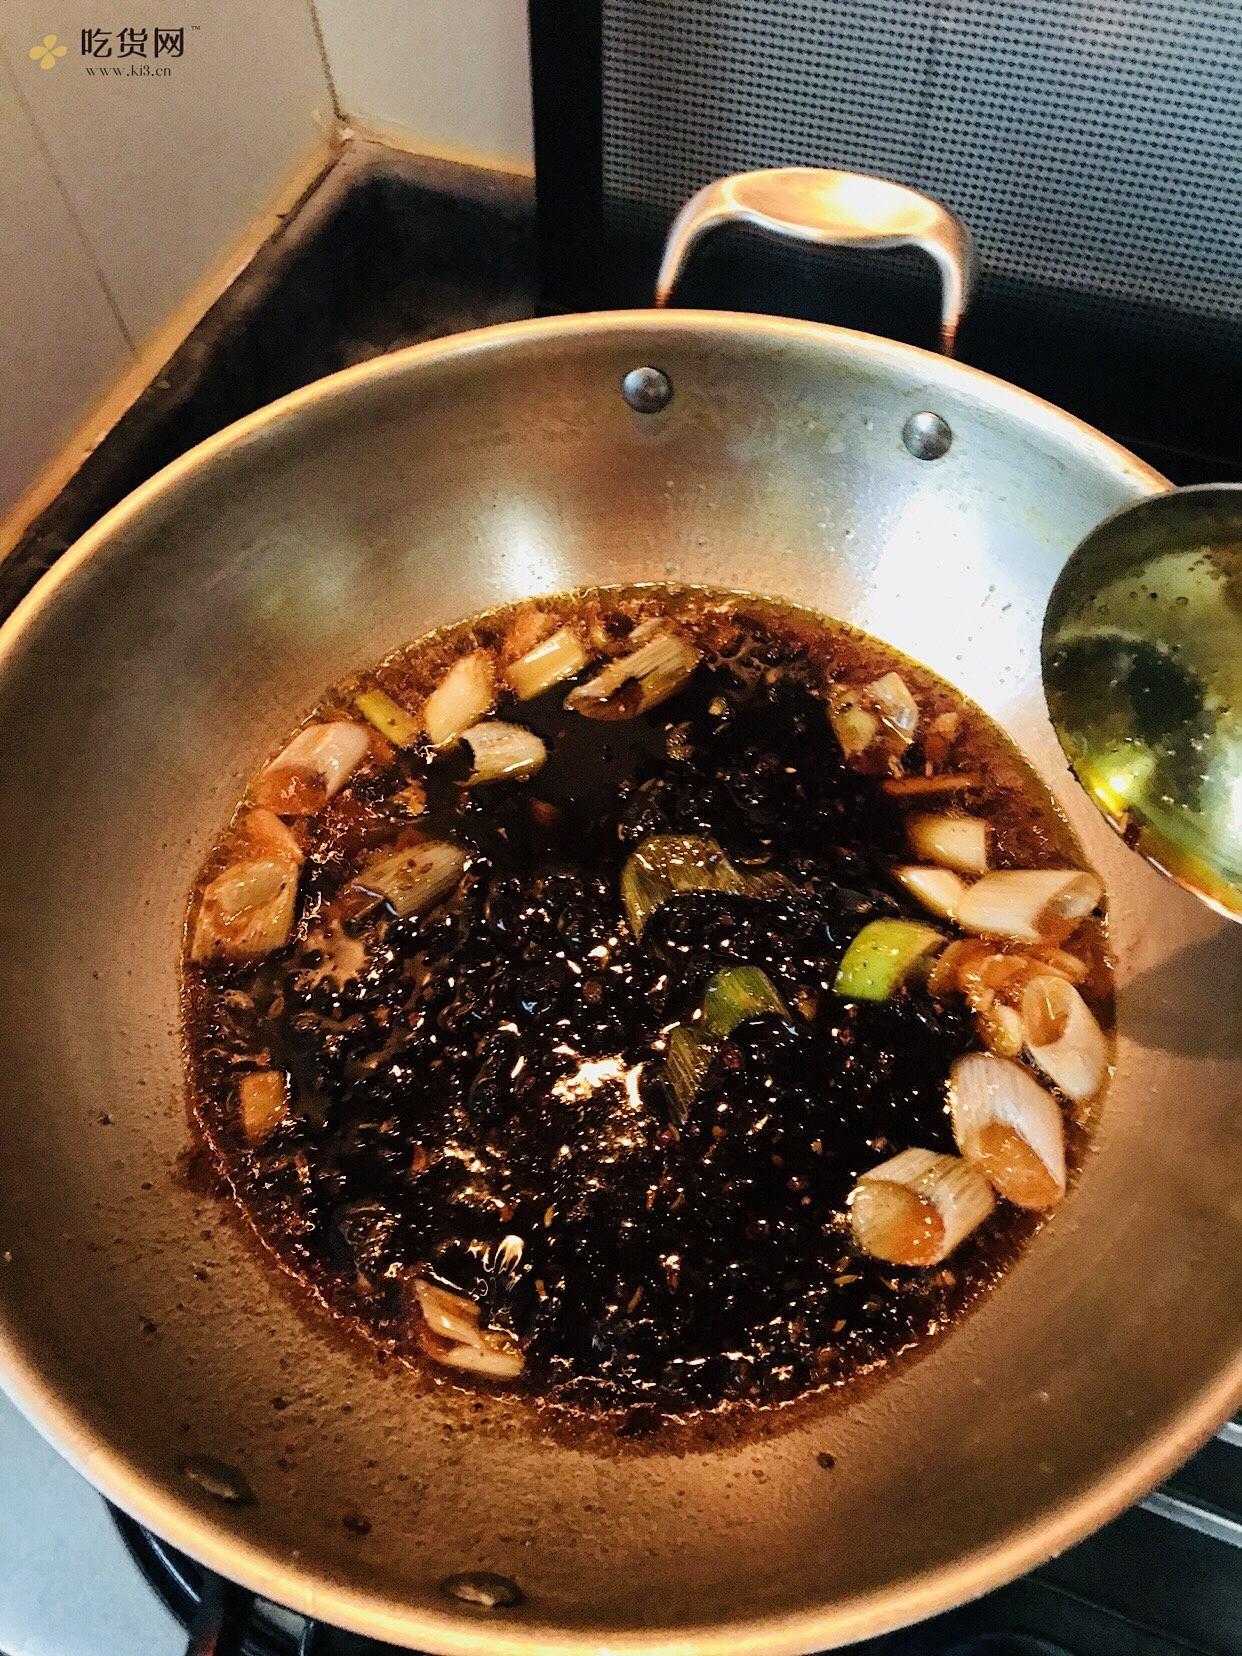 麻辣小龙虾(海底捞版本)的做法 步骤8